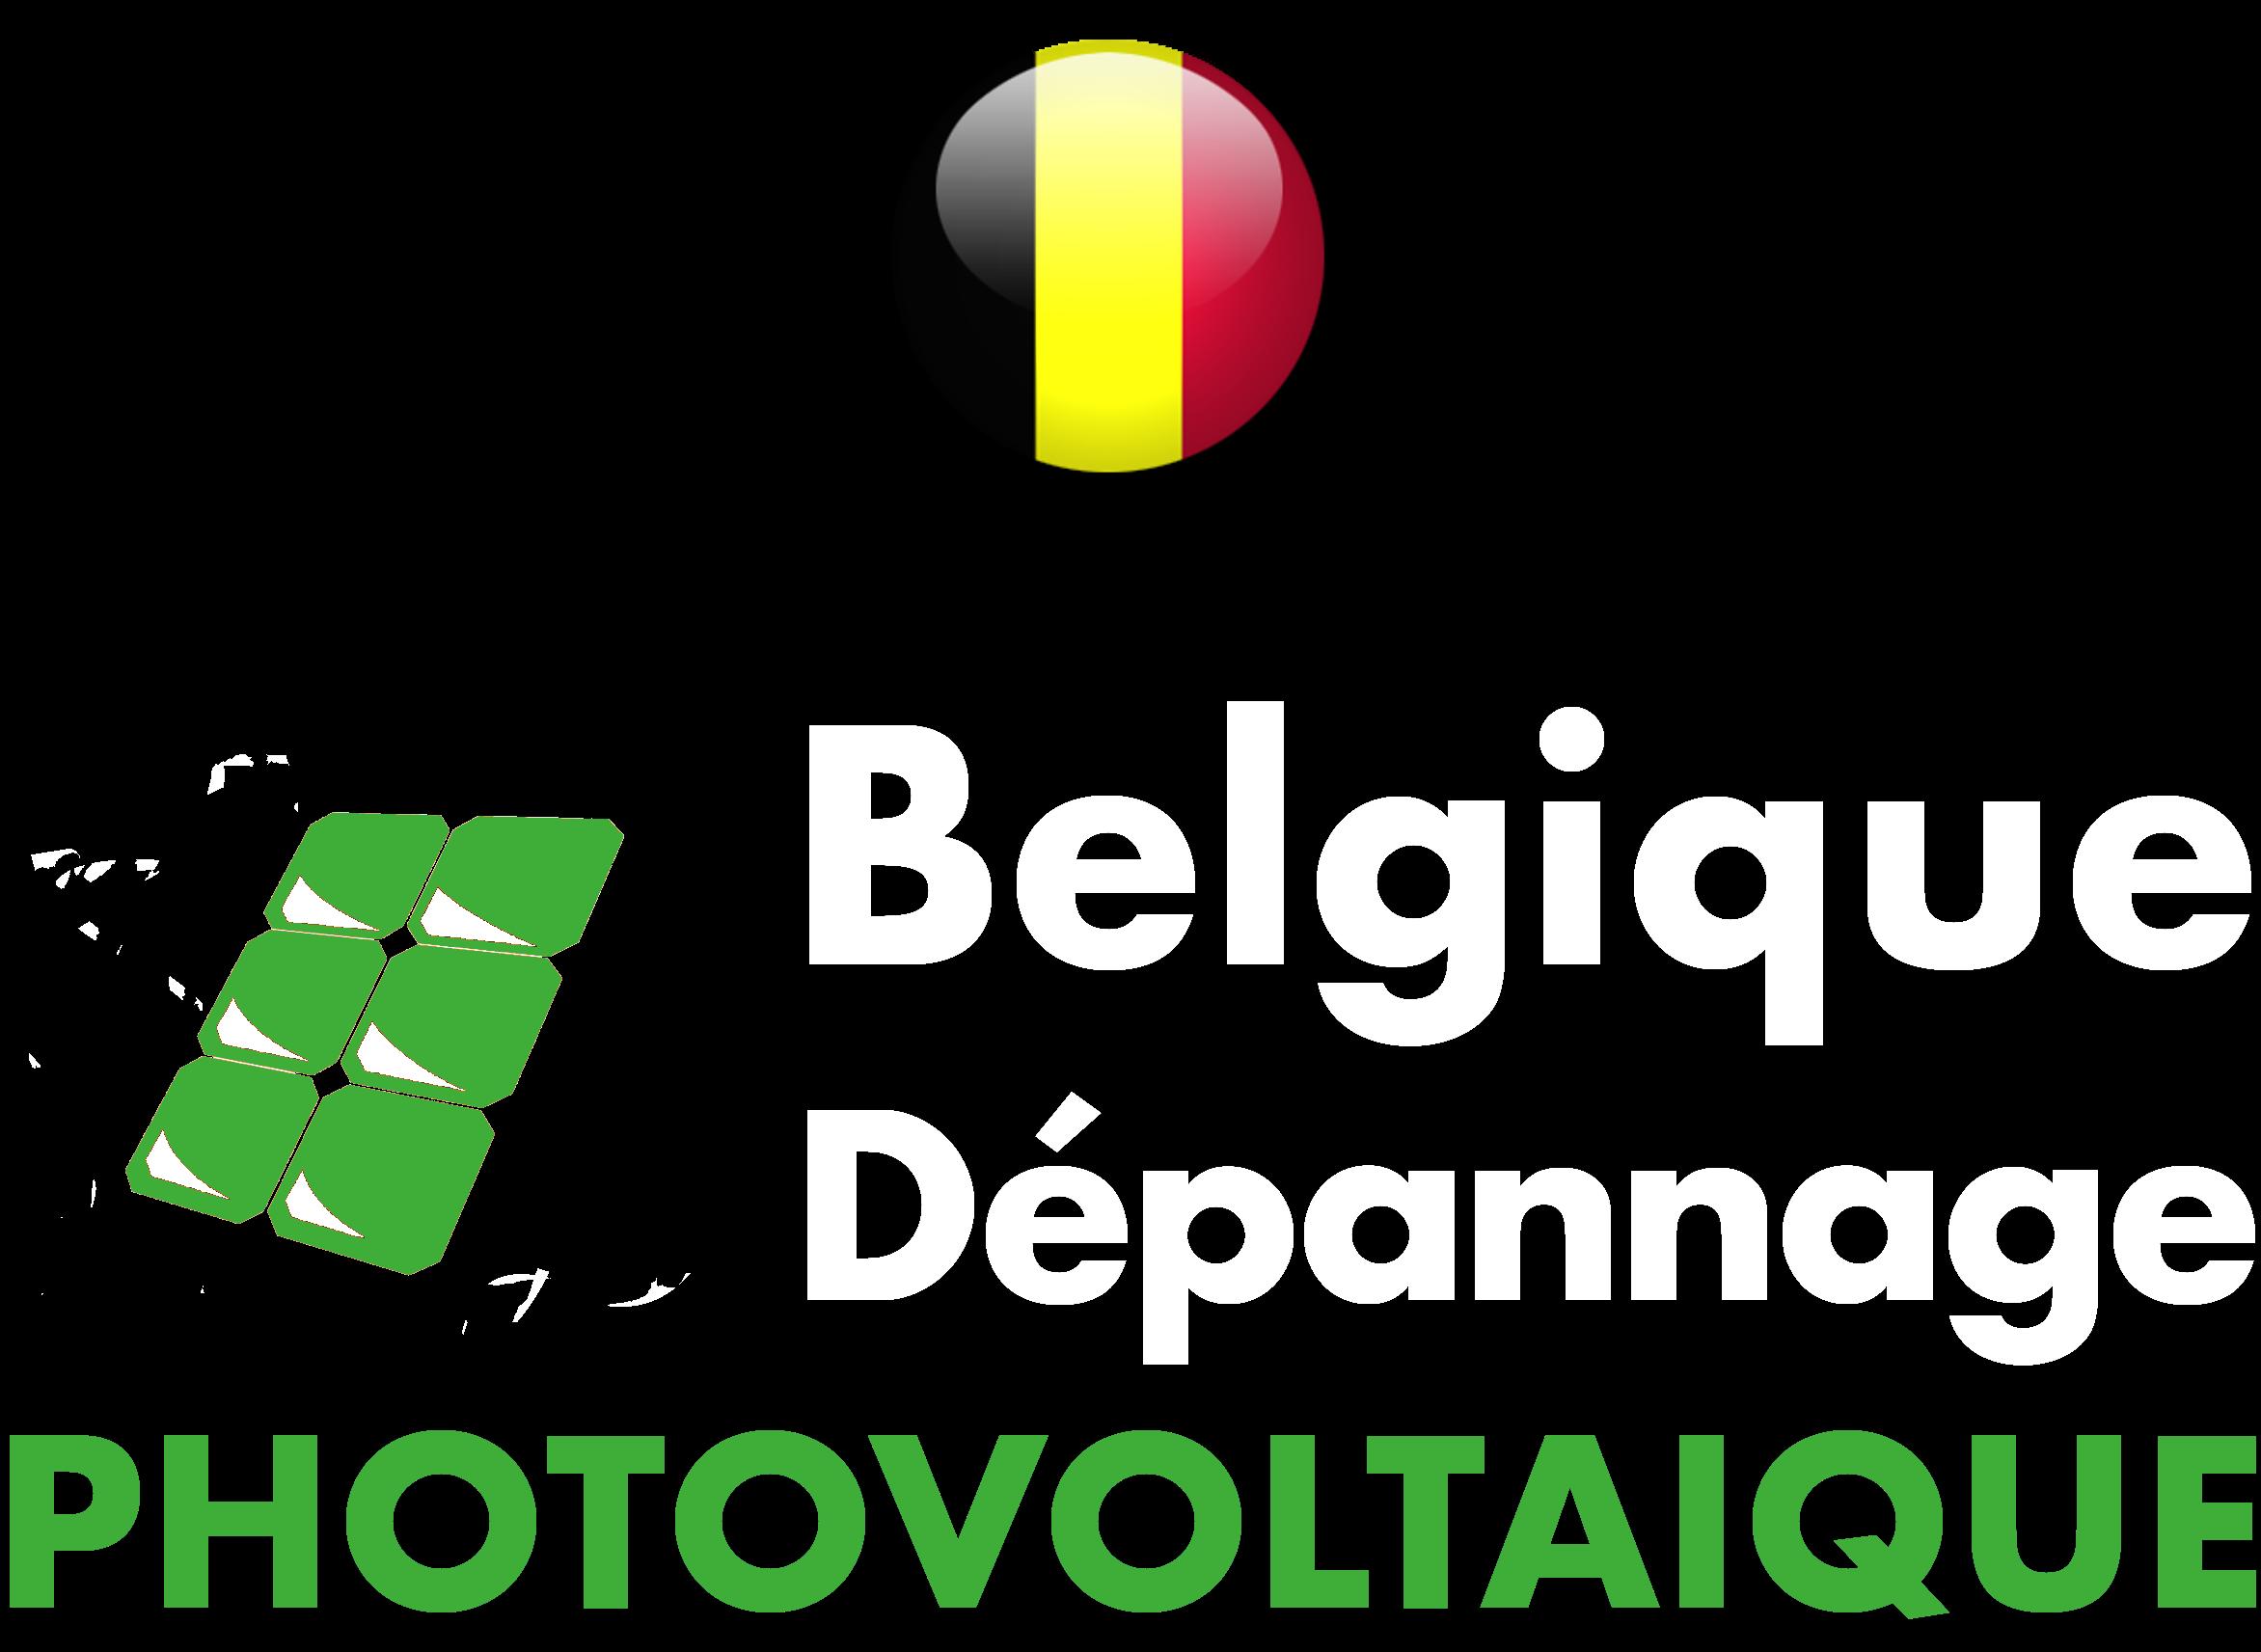 Belgique Dépannage Photovoltaique